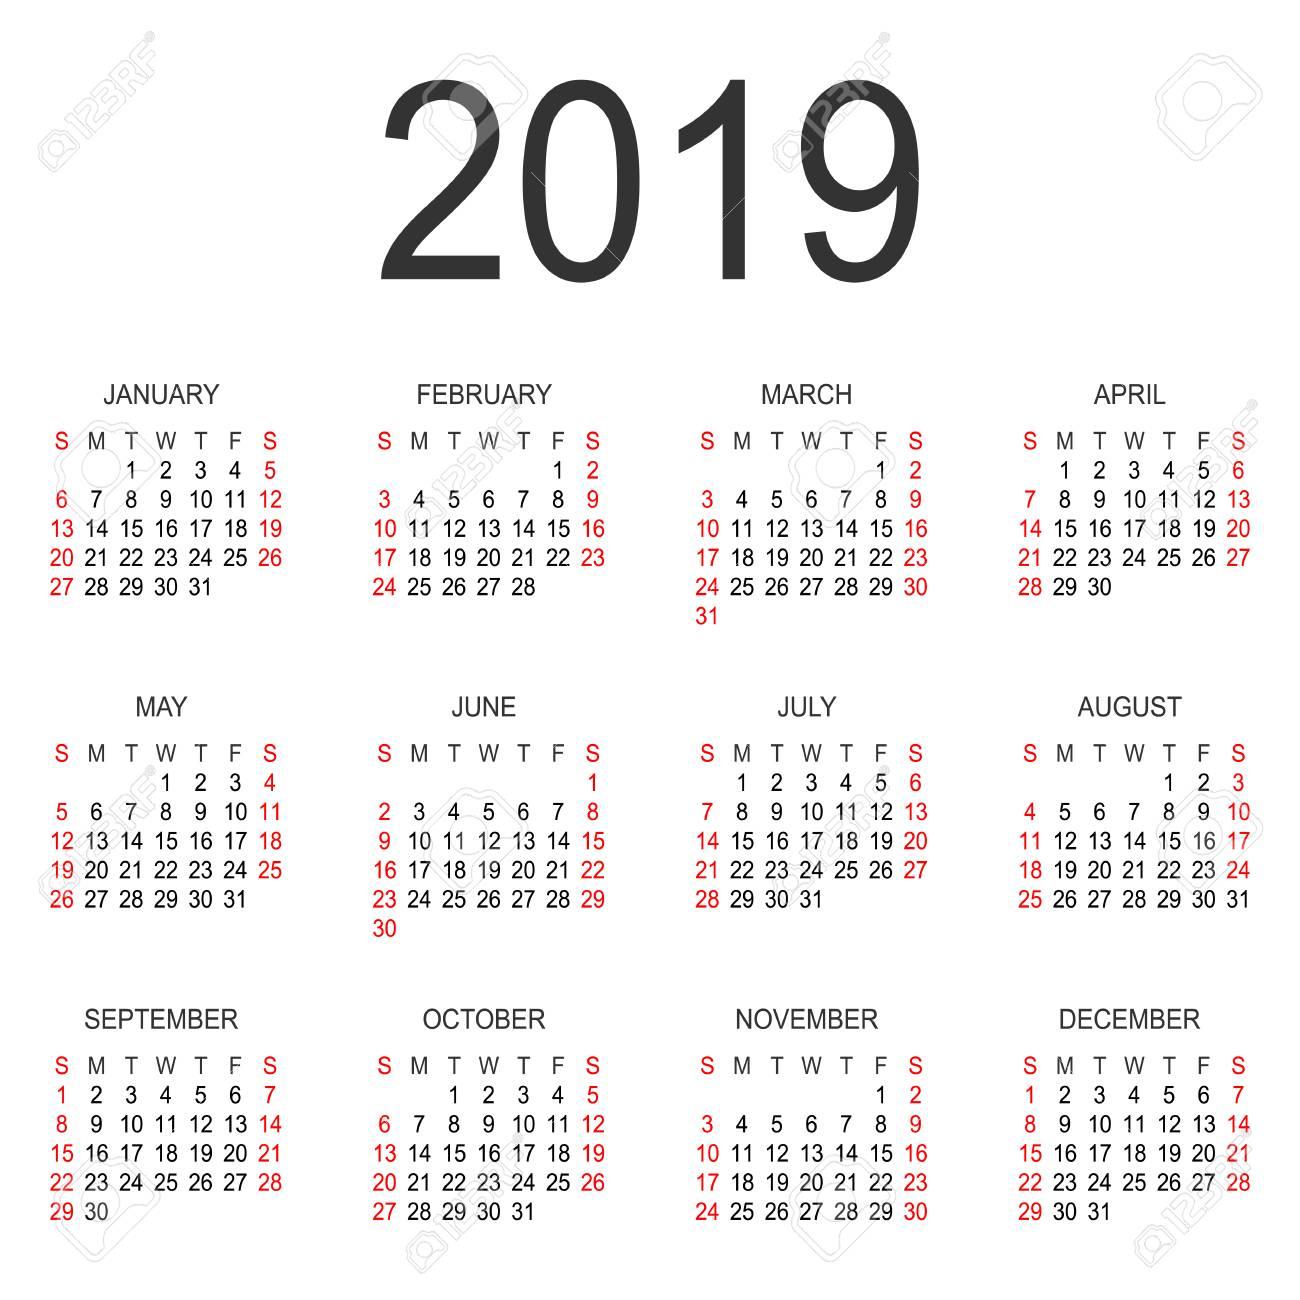 2019 Sunday Calendar Calendar 2019 Year Vector Design Template. Simple 2019 Year